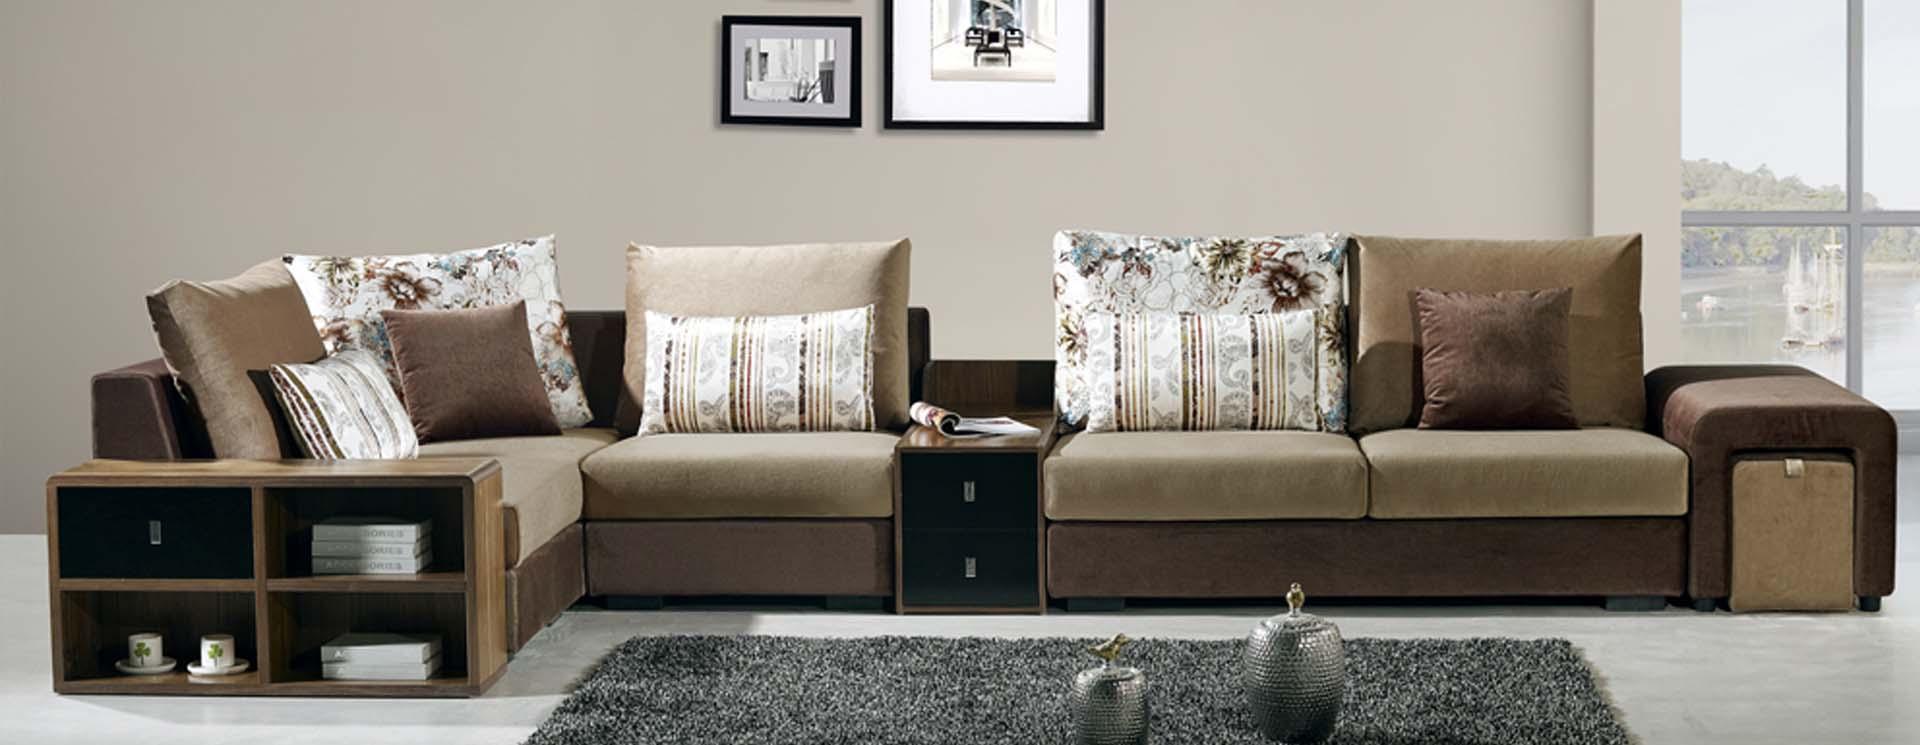 名称:沙发K587#A<br/> 市场价:<font style='color:#999;text-decoration:line-through;'>¥0</font><br />全国统一零售价:<font color='Red'>¥0.0</font>